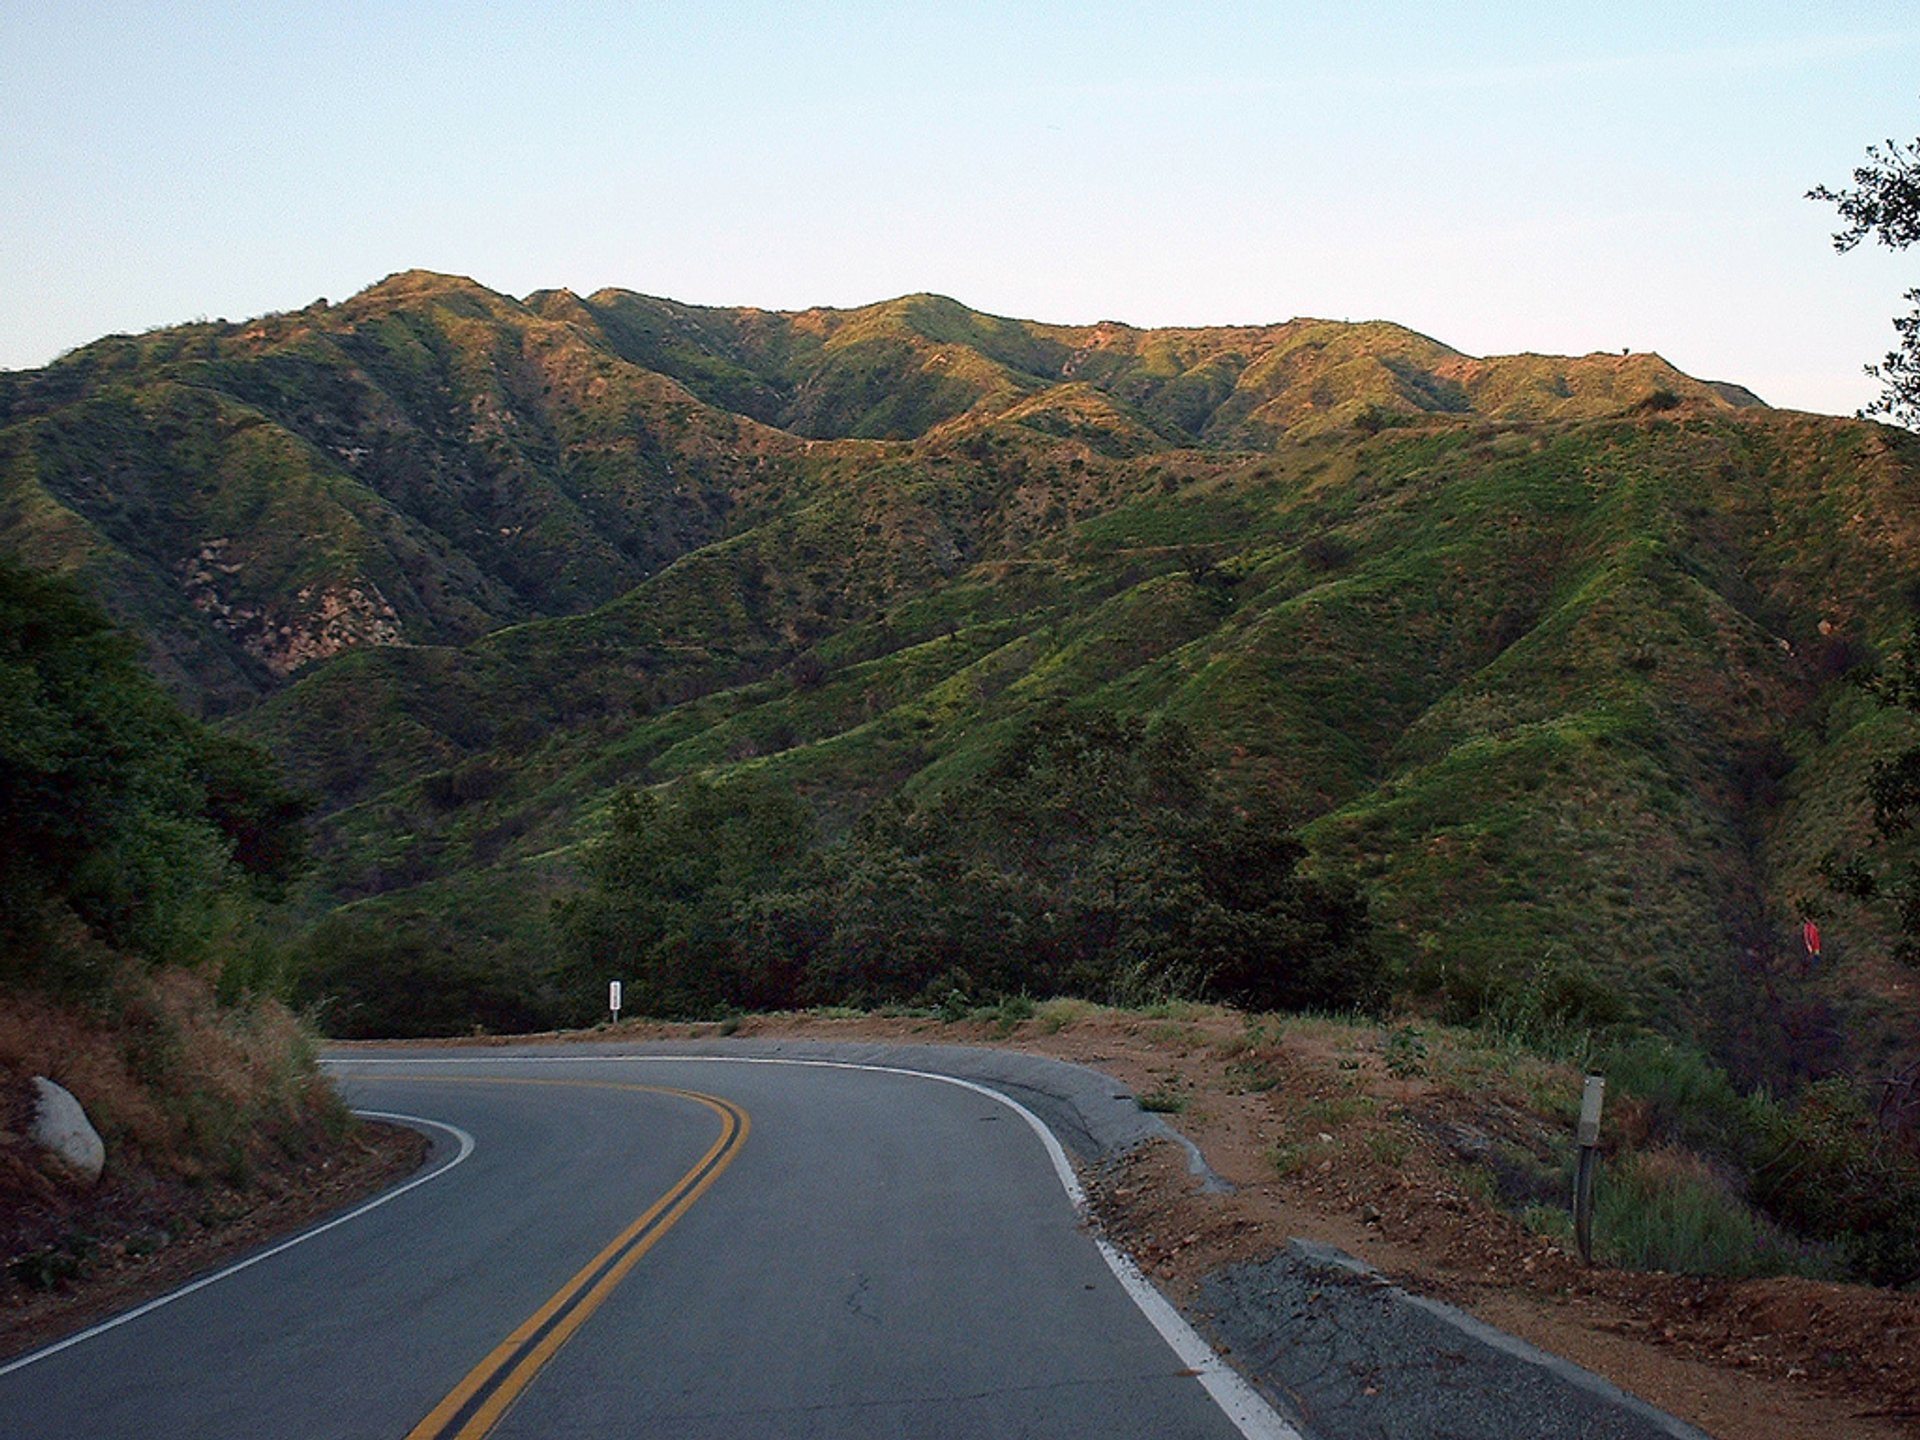 Glendora Mountain Road in California - Best Season 2019